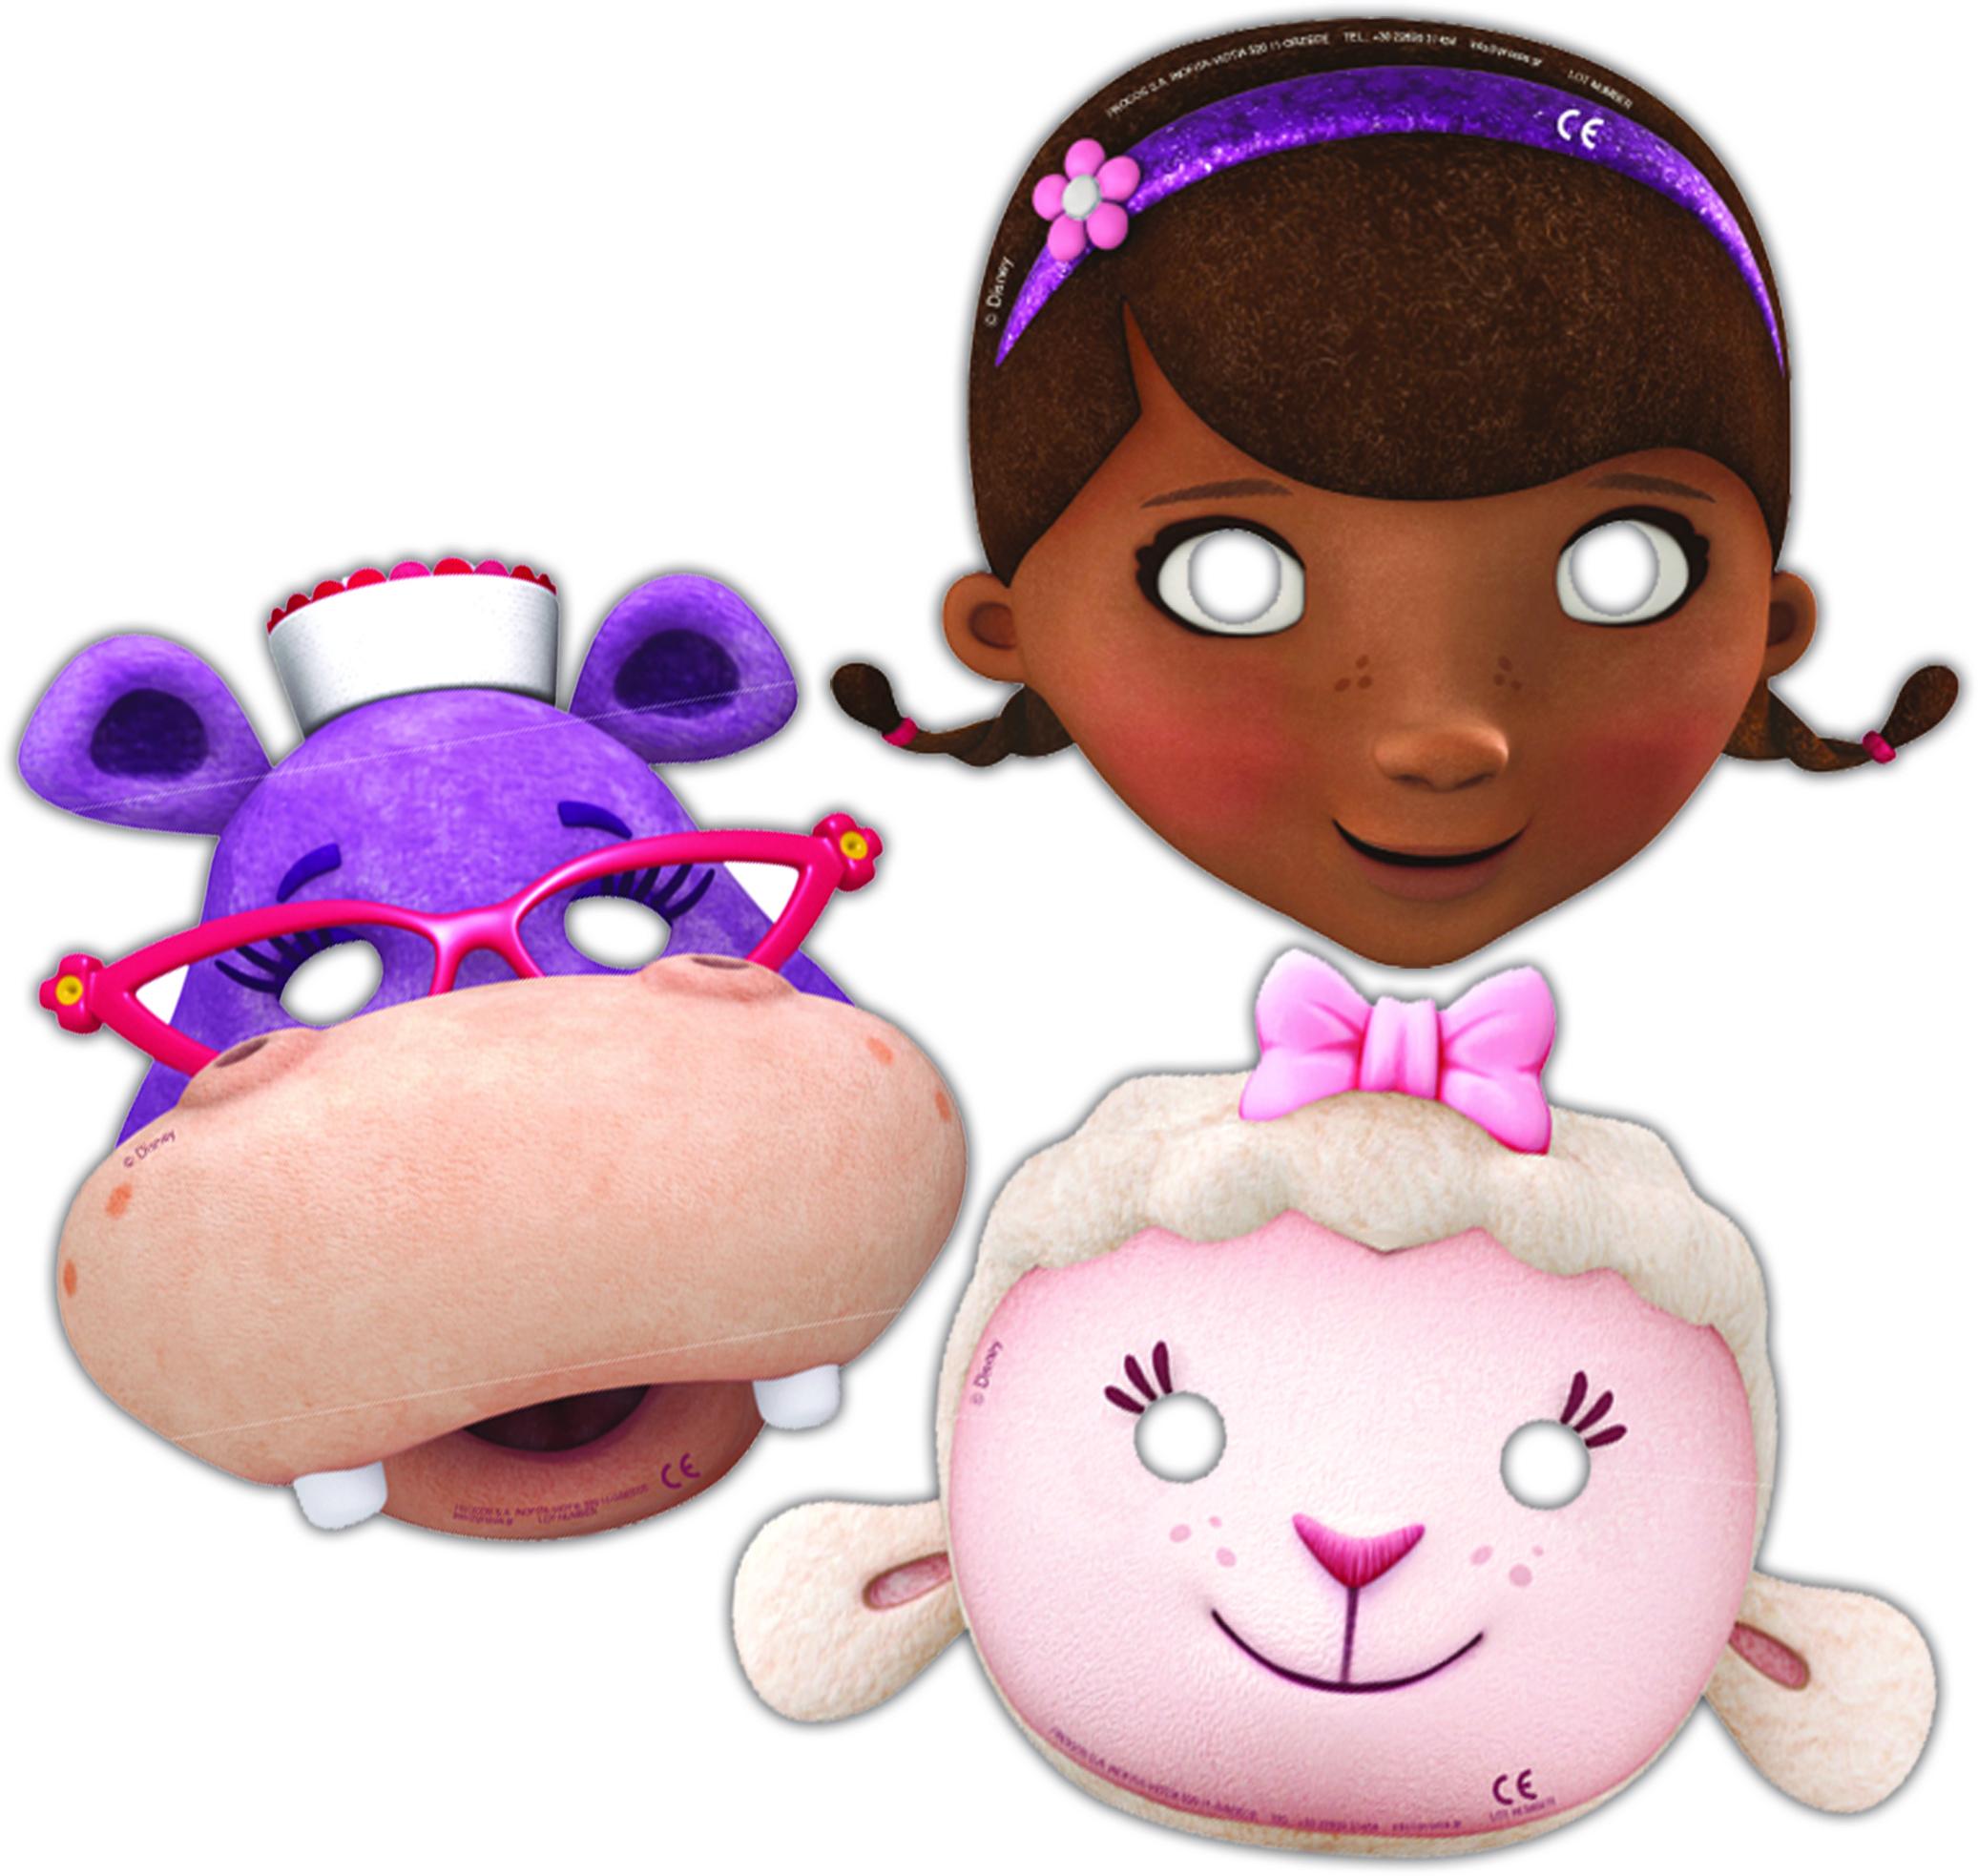 Masques docteur la peluche vegaooparty accessoires de f te anniversaire - Toufy docteur la peluche ...